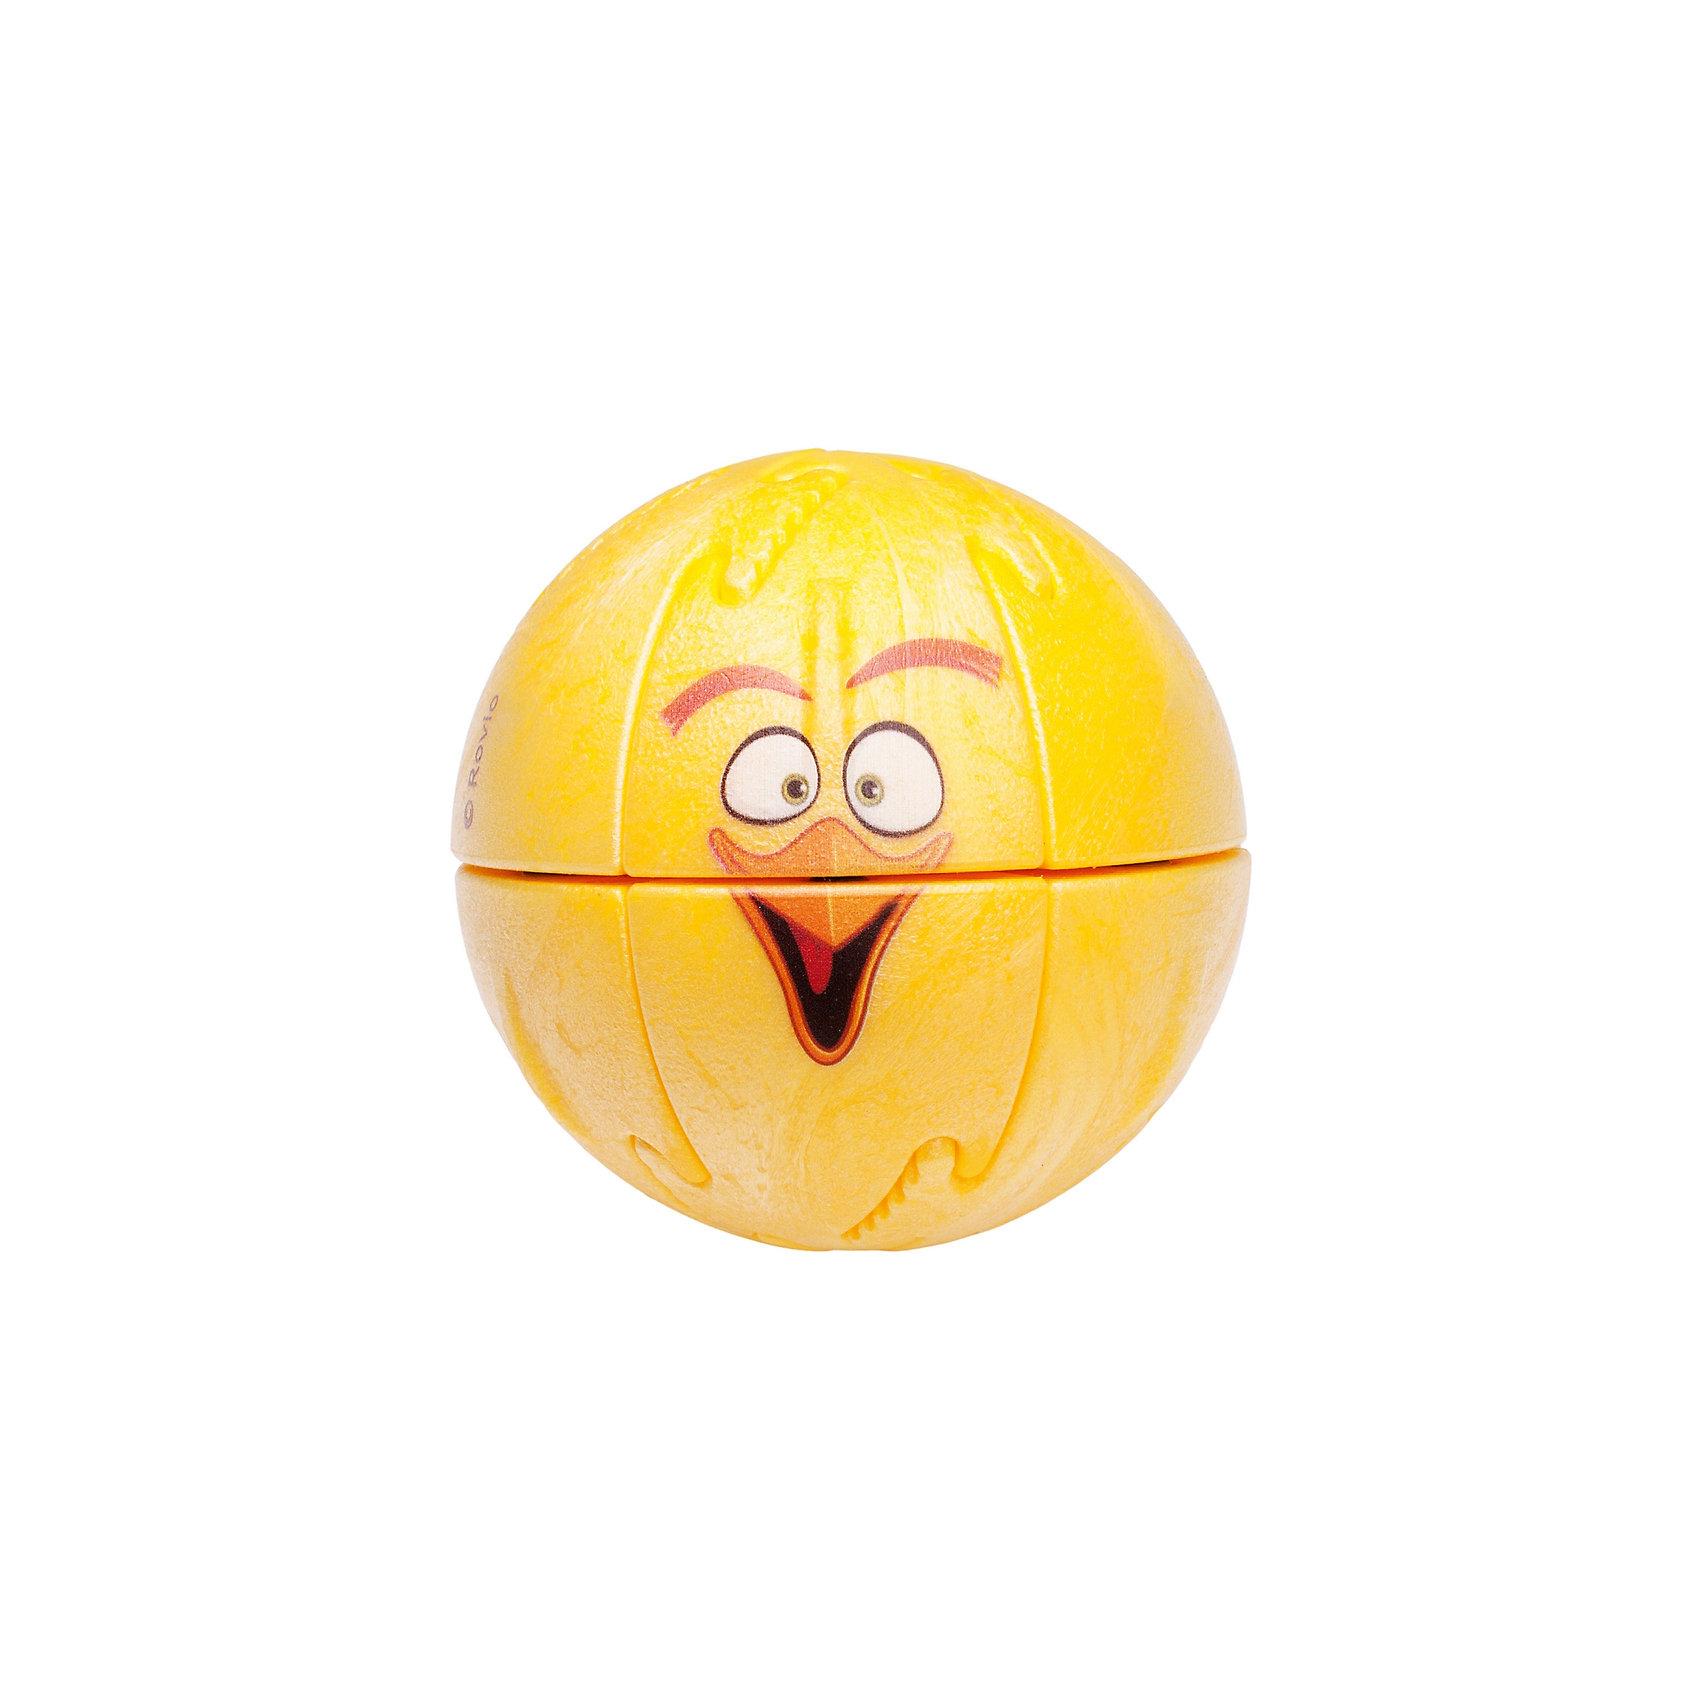 Крашики Chuck, Angry BirdsКрашики Chuck, Angry Birds – развивающий многофункциональный объемный магнитный пазл, новое слово в мире детских игр и головоломок.<br>Собери персонажа Angry Birds с новым объемным пазлом Крашик. Задорный Чак не прочь поразвлечься и проучить воришек-свиней - помоги ему вернуть похищенные яйца! Крашик Angry Birds не имеющий аналогов на рынке, поможет скрасить досуг любого ребенка, группы детей, или даже их родителей. С необычной головоломкой можно придумывать различные вариации веселой игры, что поможет отвлечь современных детей от планшетов и телефонов. Детали головоломки соединяются друг с другом с помощью пазов и удерживаются магнитами. Задача состоит в том, чтобы правильно соединить детали и собрать персонажа из Angry Birds. При этом необходимо учитывать магнитные полюса каждой детали, что познакомит детей с основами магнетизма. Также внутри каждого пазла находится небольшое пластиковое яйцо. С крашиками можно играть как самостоятельно, так и в компании друзей. Чем больше детей и пазлов – тем интереснее играть! Можно собрать своего неповторимого персонажа, соединив детали от разных крашиков или выстроив в ряд свинок, выбивать их птичками, пока их свинок не выпадет пластиковое яйцо. Крашики Angry Birds изготовлены из качественного безопасного материала на современном оборудовании. Крашики Angry Birds не только вернут современному поколению веселое и активное детство вдали от новомодных гаджетов, но и помогут развить логическое мышление и мелкую моторику рук. Дети и родители будут в восторге от этой красочной и многогранной игрушки!<br><br>Дополнительная информация:<br><br>- Количество частей пазла: 12<br>- Материал: полипропилен<br>- Сила удерживания половинок: 7 кг.<br>- Размер упаковки: 15,5х15,5 х10 см.<br>- Вес: 310 гр.<br><br>Крашики Chuck, Angry Birds можно купить в нашем интернет-магазине.<br><br>Ширина мм: 150<br>Глубина мм: 150<br>Высота мм: 100<br>Вес г: 300<br>Возраст от месяцев: 36<br>Возраст до месяцев: 96<br>Пол: Унисекс<br>